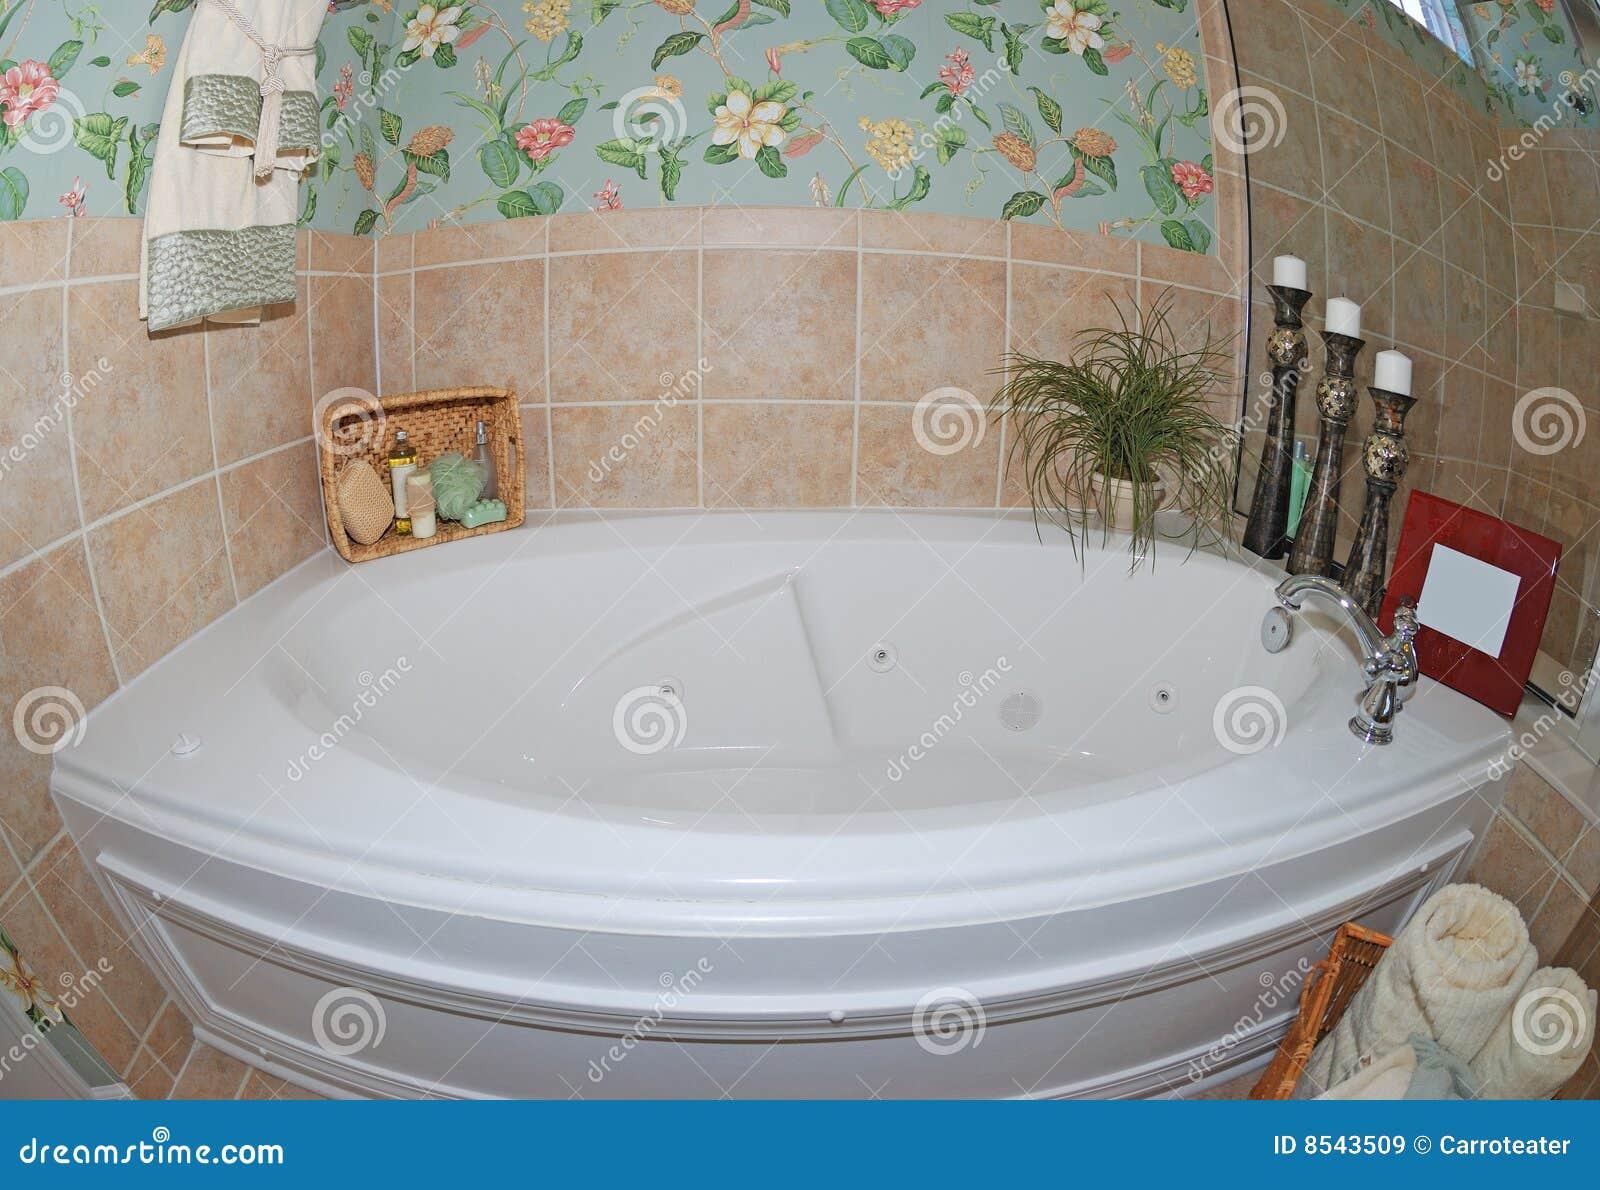 Vasca di bagno immagine stock. immagine di lusso bagno 8543509